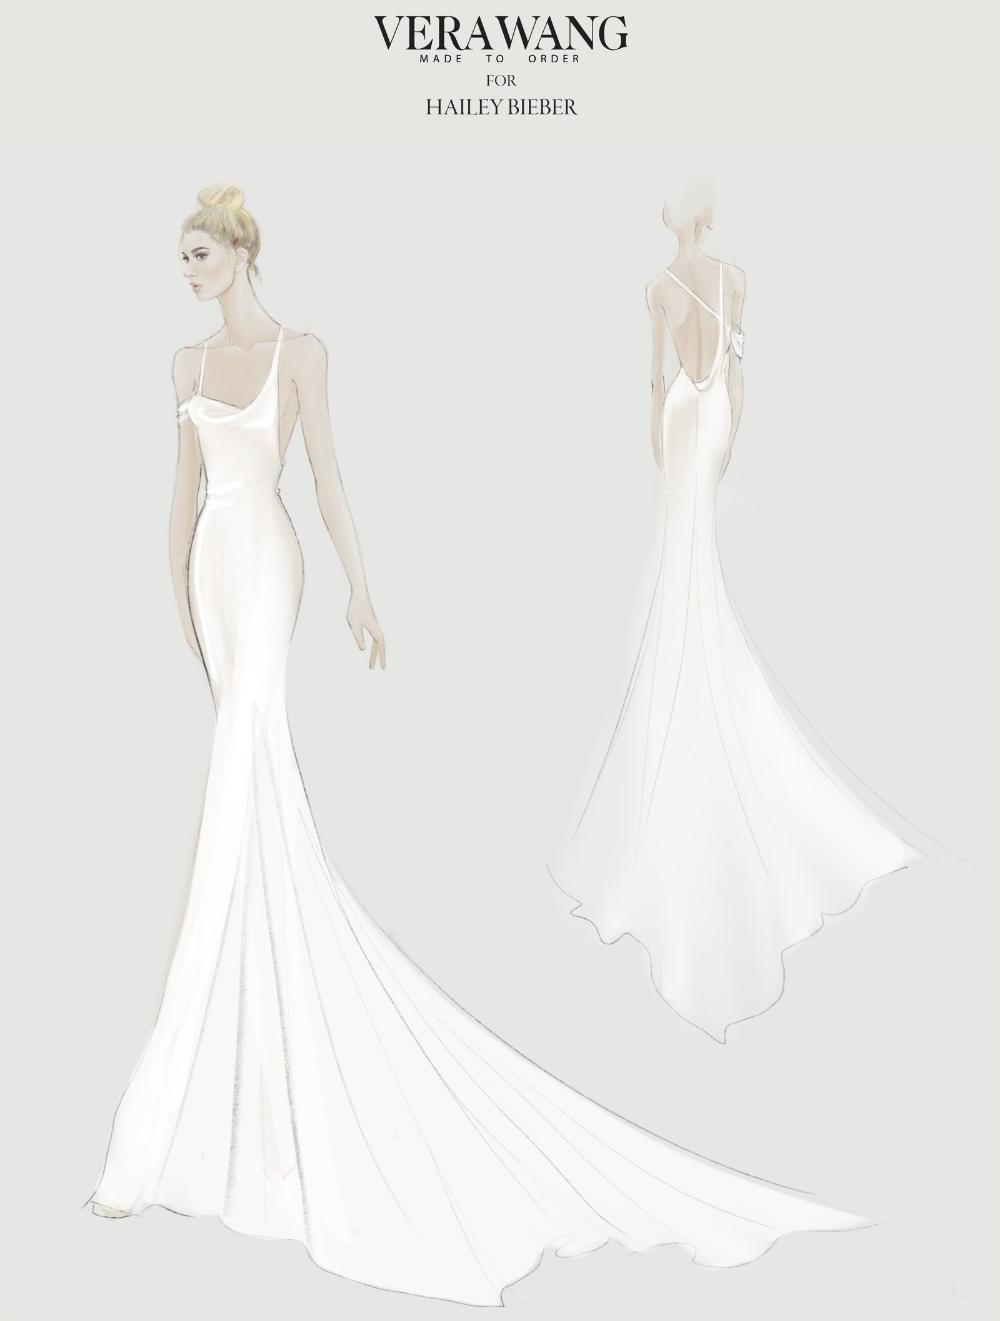 All The Details Behind Hailey Bieber S Vera Wang Wedding Reception Dress In 2020 Wedding Dress Sketches Wedding Dress Illustrations Wedding Reception Dress